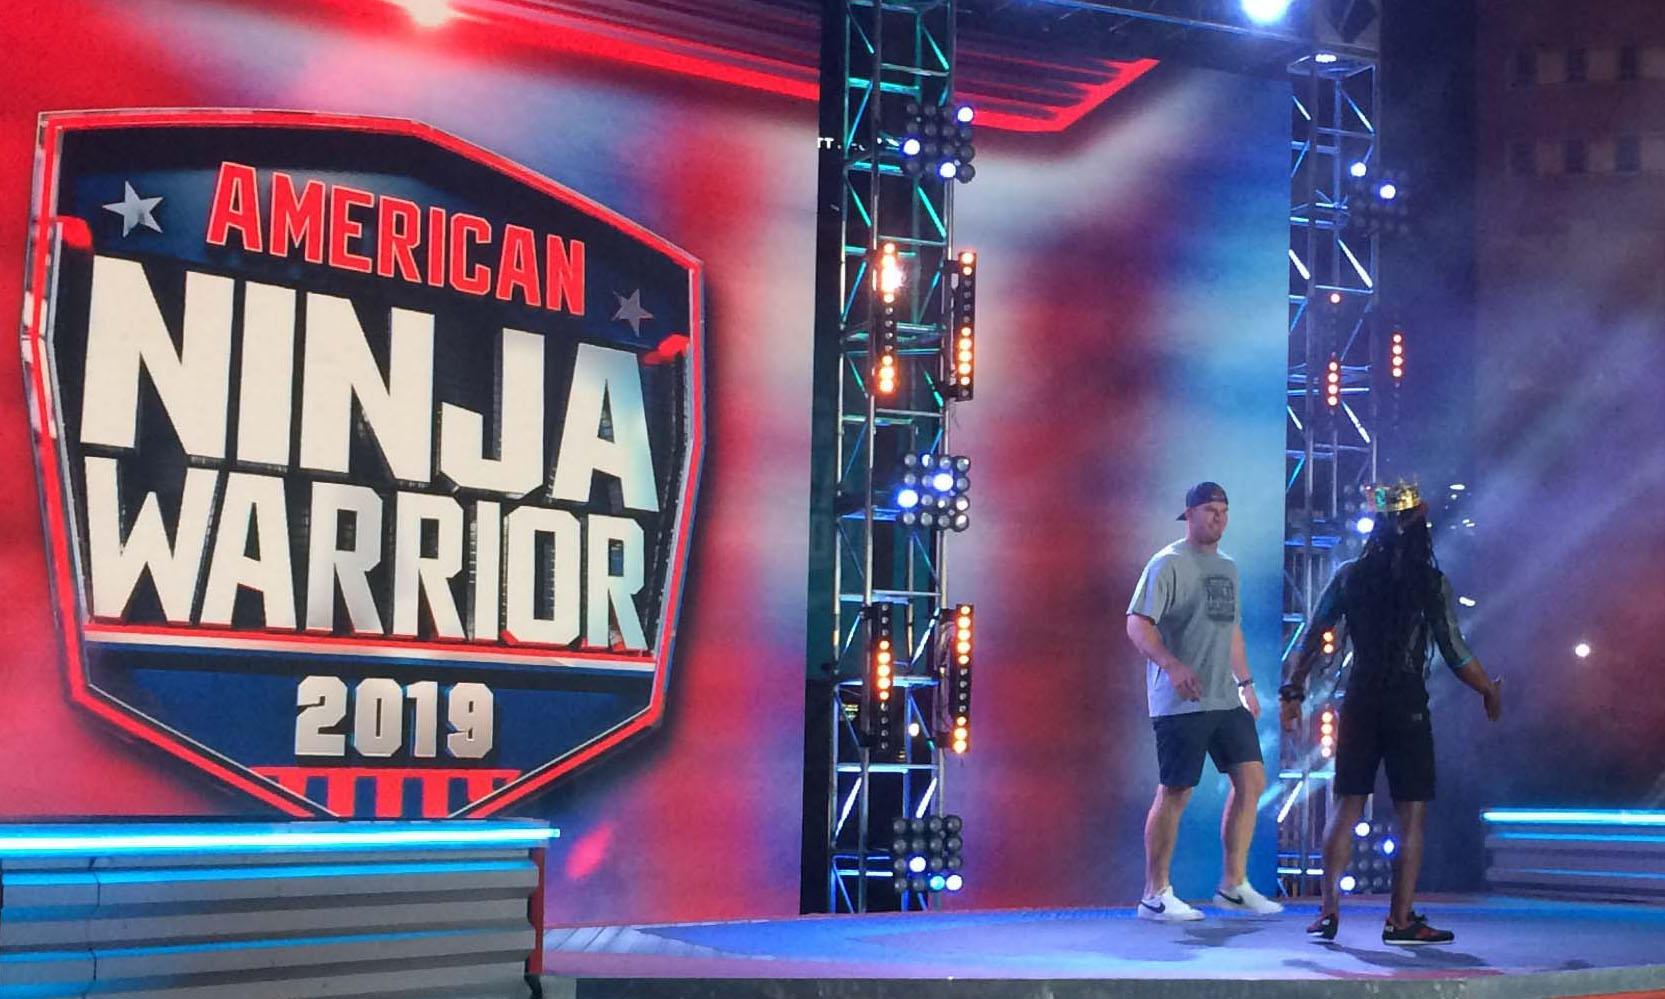 2 'American Ninja Warrior' Contestants Talk About Cincinnati Episode